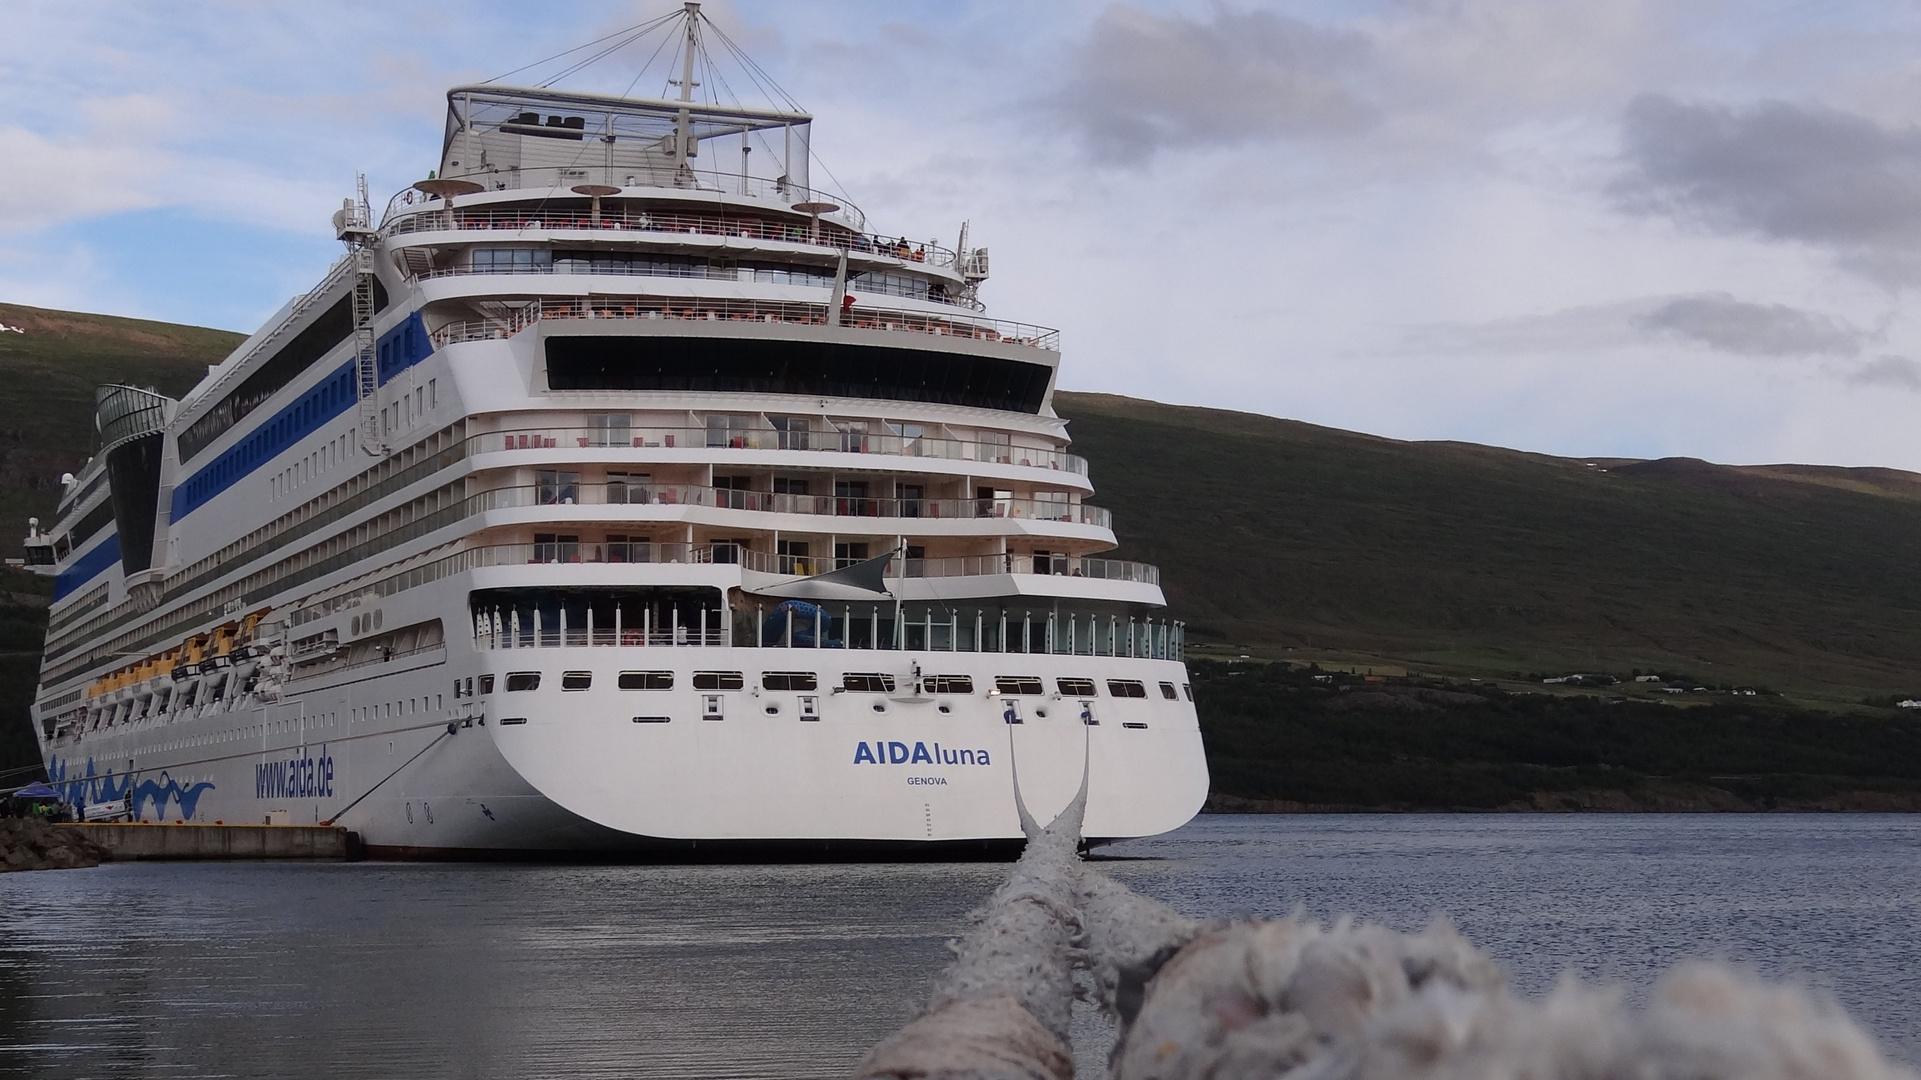 AIDAluna in Akureyri 2